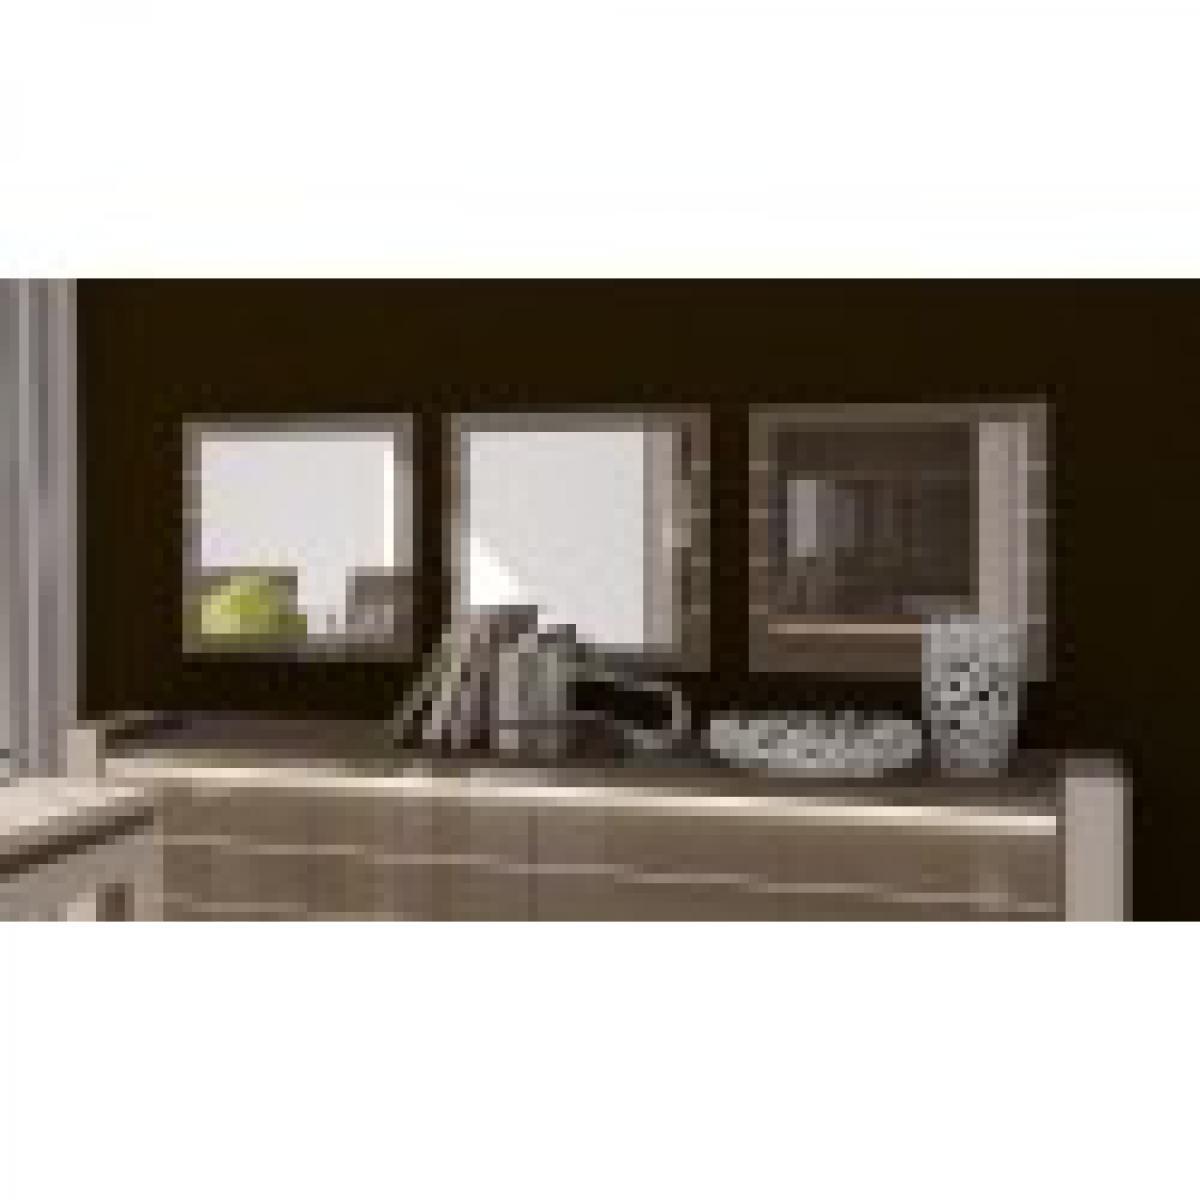 meublorama Miroirs design LINA. Lot de 3. Idéal pour embellir votre salon. Coloris cappuccino et blanc crème